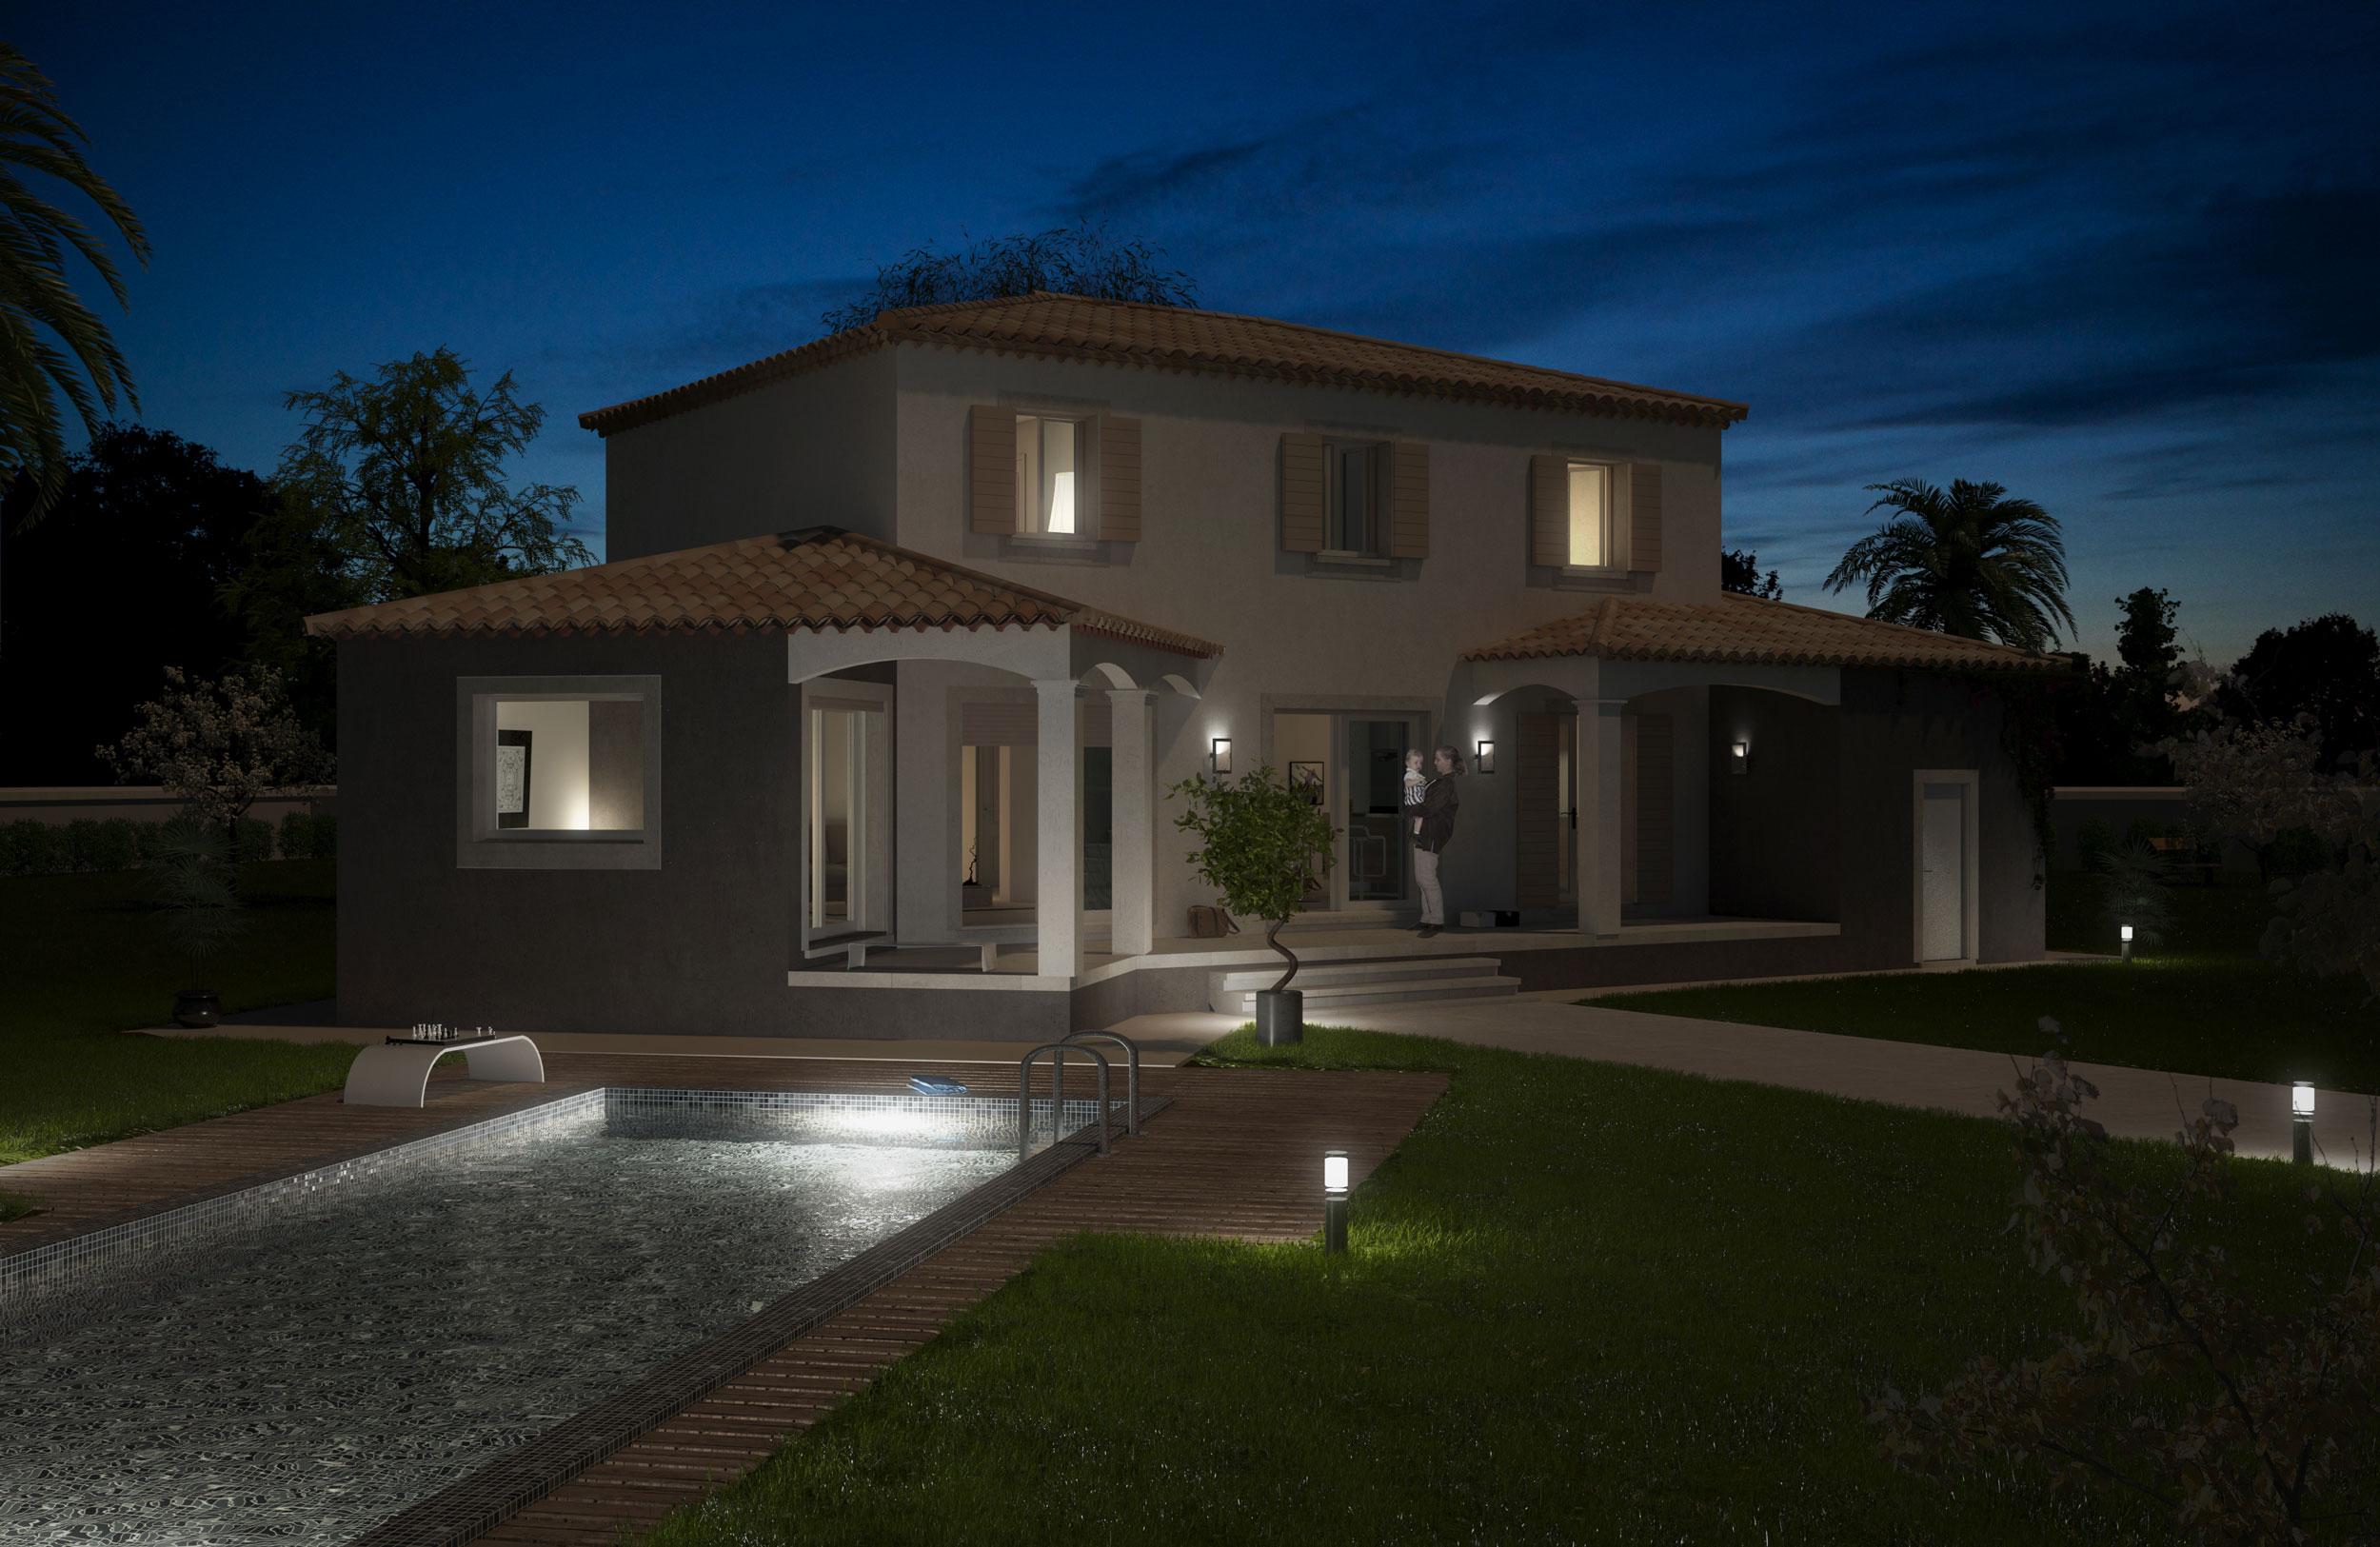 Image 3d promotion immobilière Maison individuelle